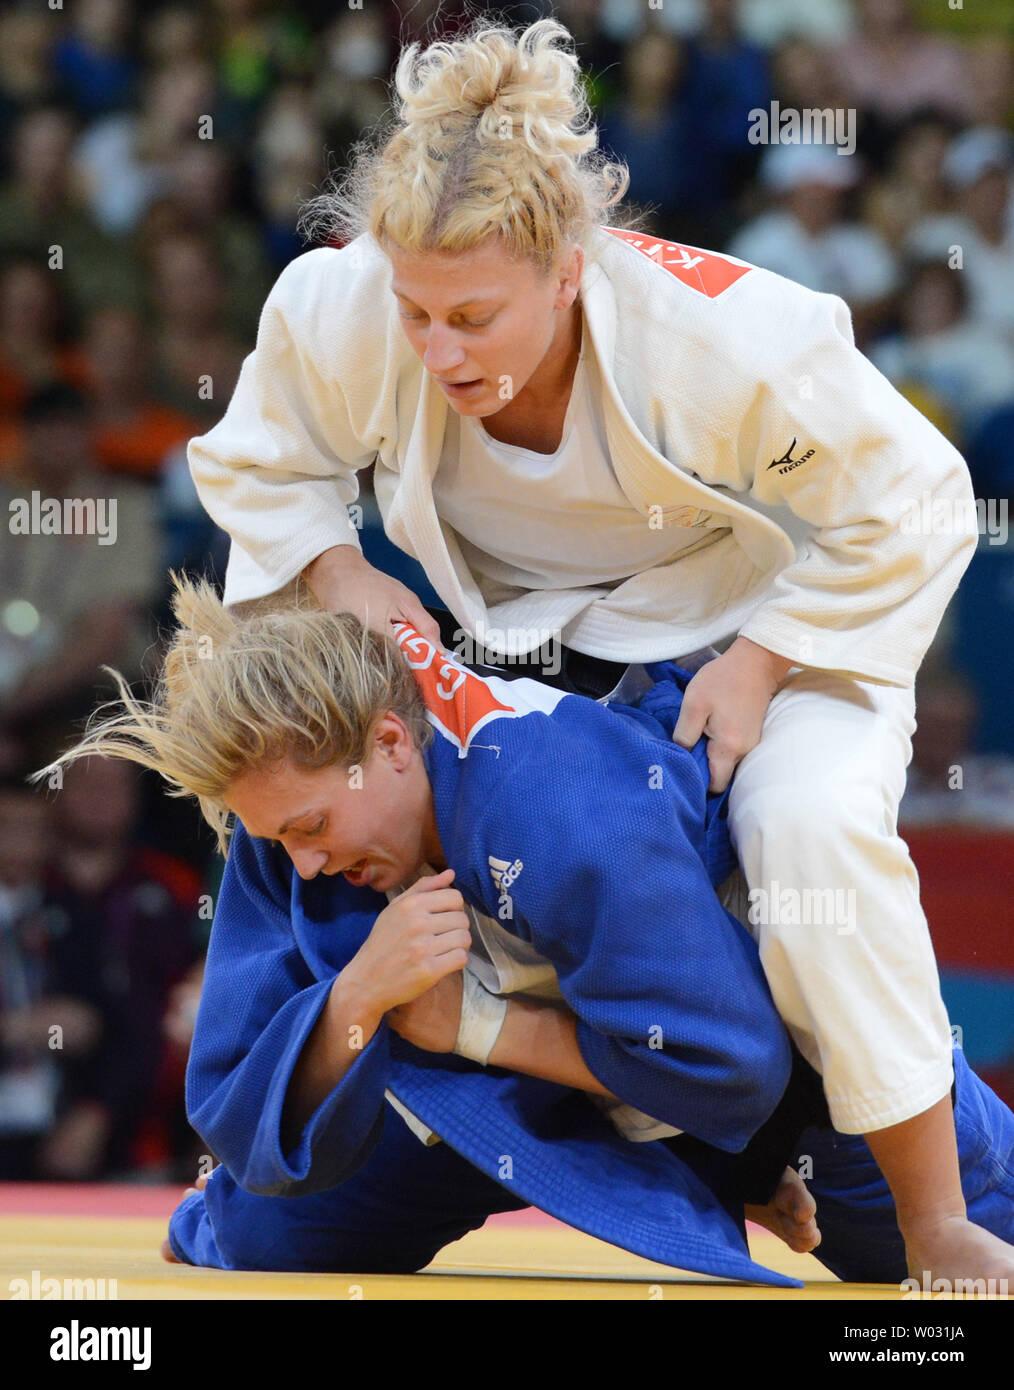 Kayla Harrison de l'USA (blanc) pousse vers le bas Gemma Gibbons de Grande-Bretagne dans l'or des femmes de 78KG Le Judo à l'ExCel Centre au Jeux Olympiques d'été de 2012 à Londres le 2 août 2012 à Londres. Harrison a remporté la médaille d'argent tandis que Gibbons à l'événement. UPI/Terry Schmitt Banque D'Images